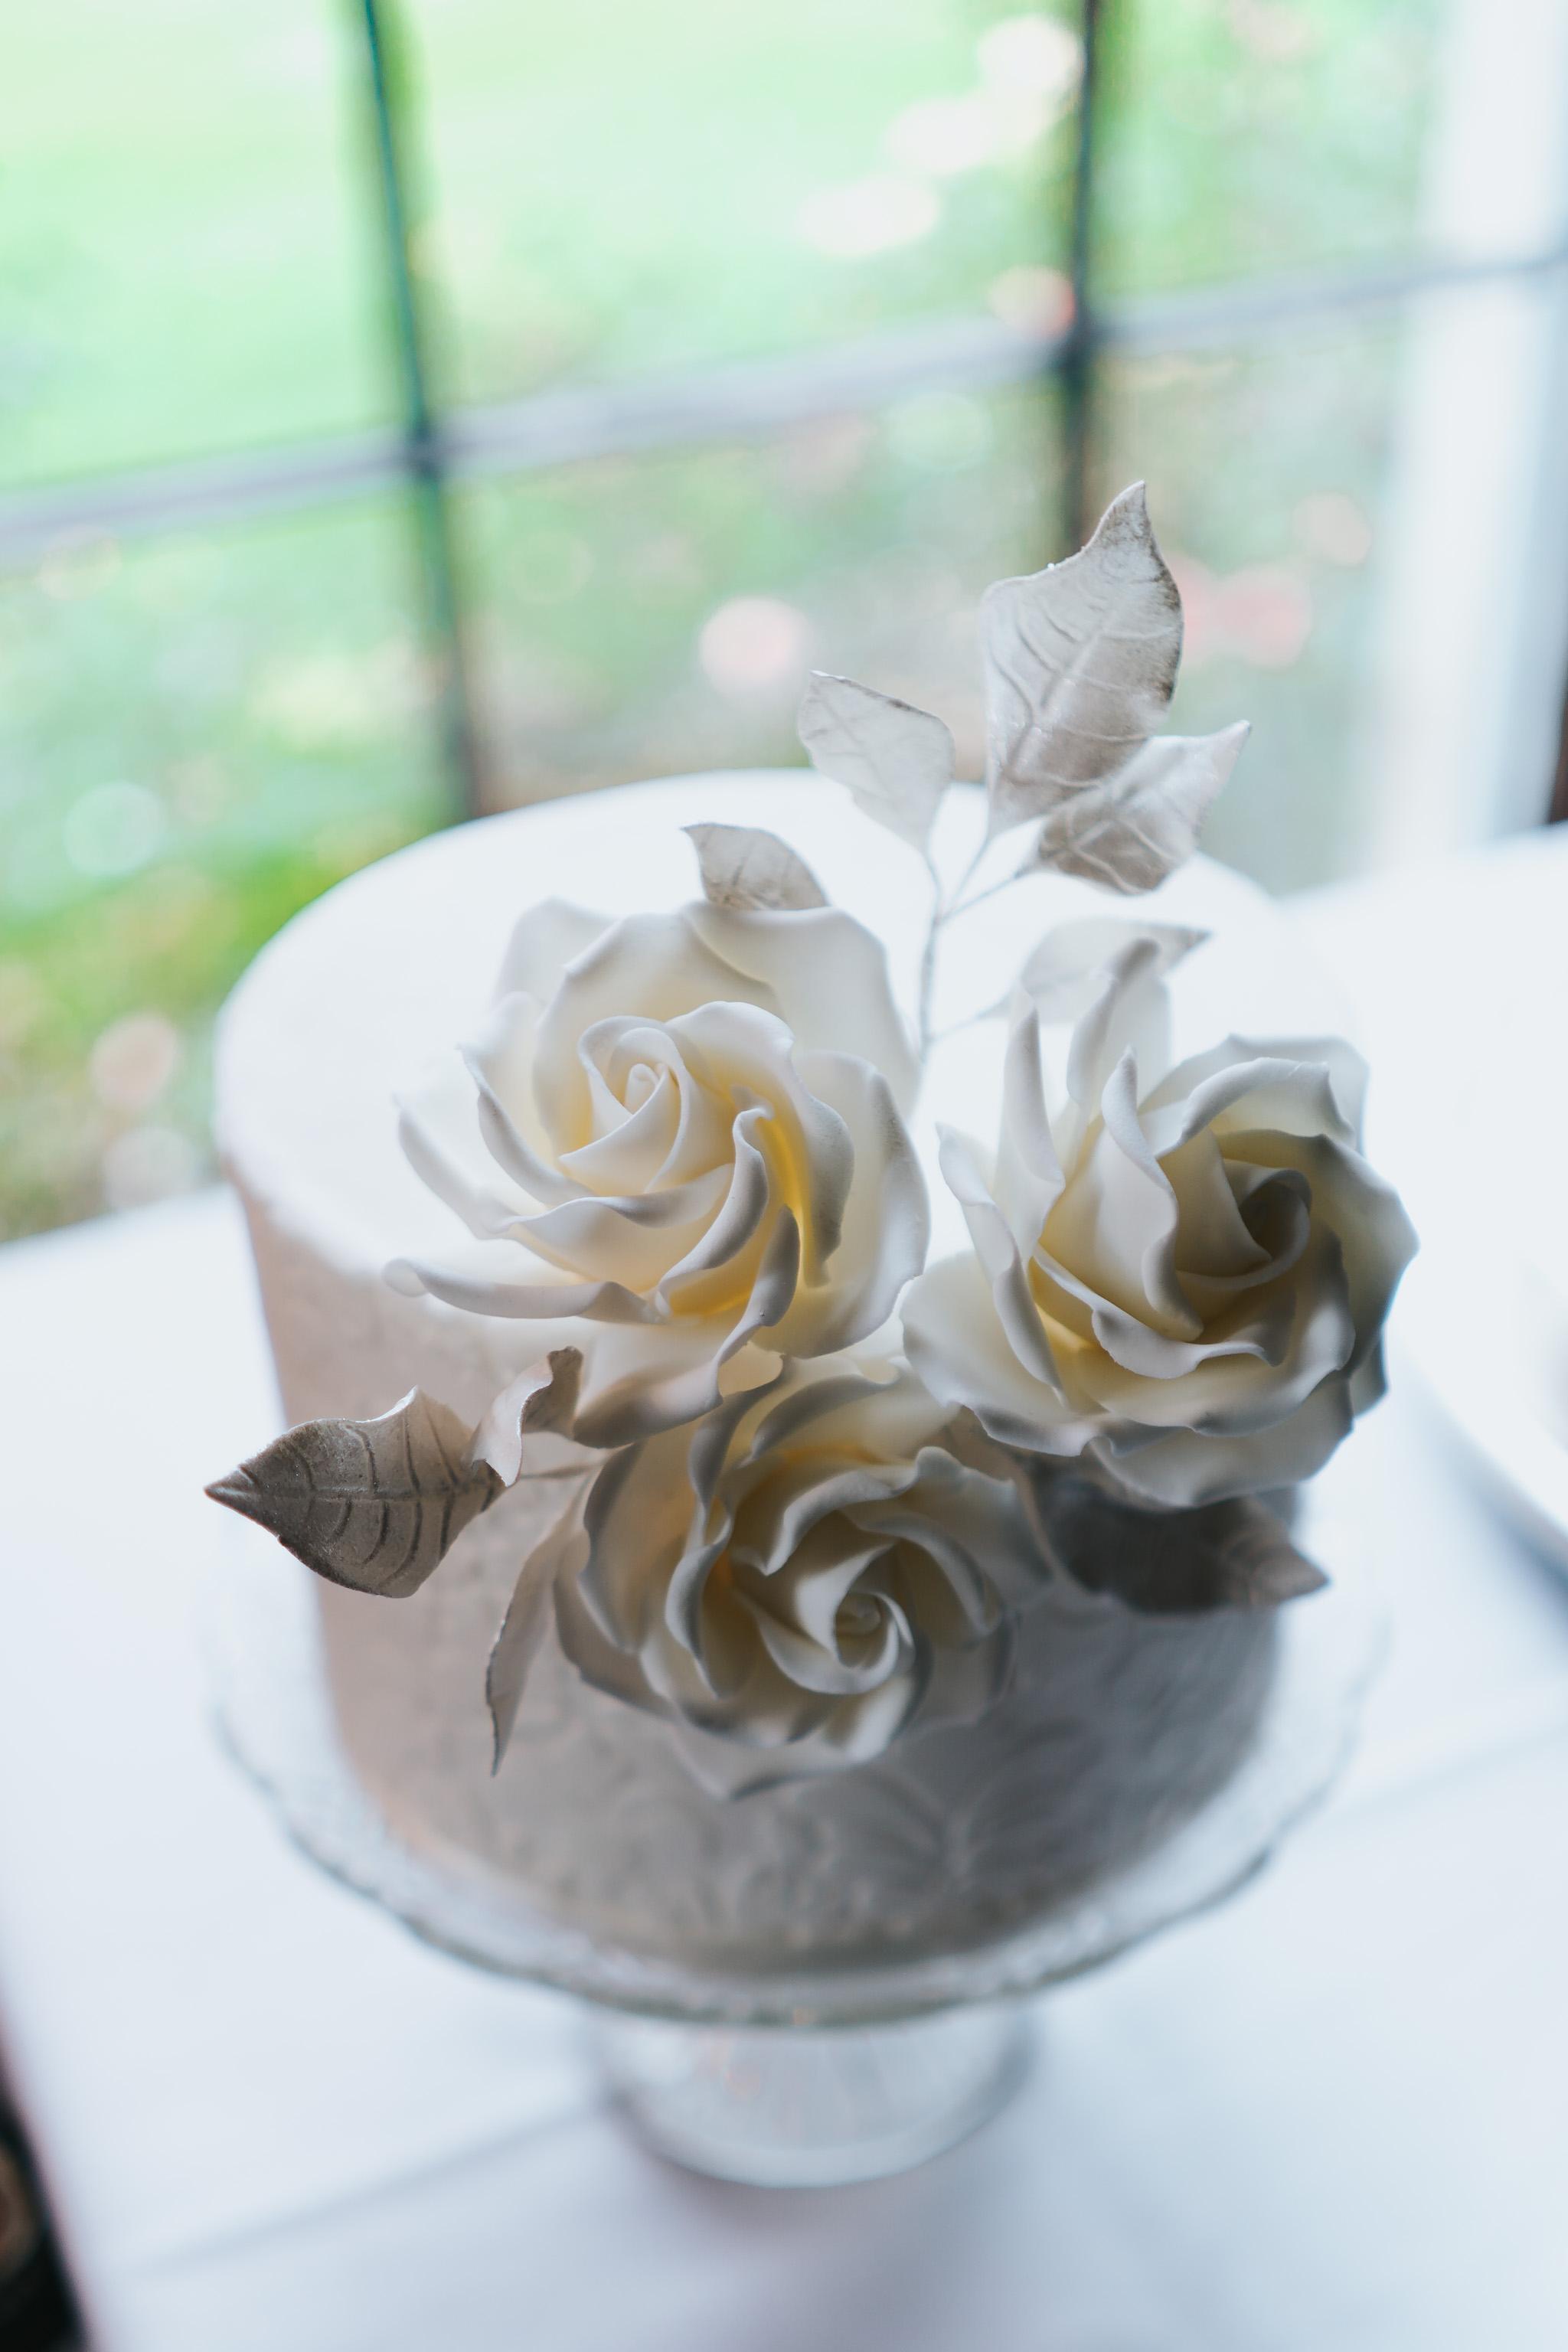 Damask Pattern single tier wedding cake